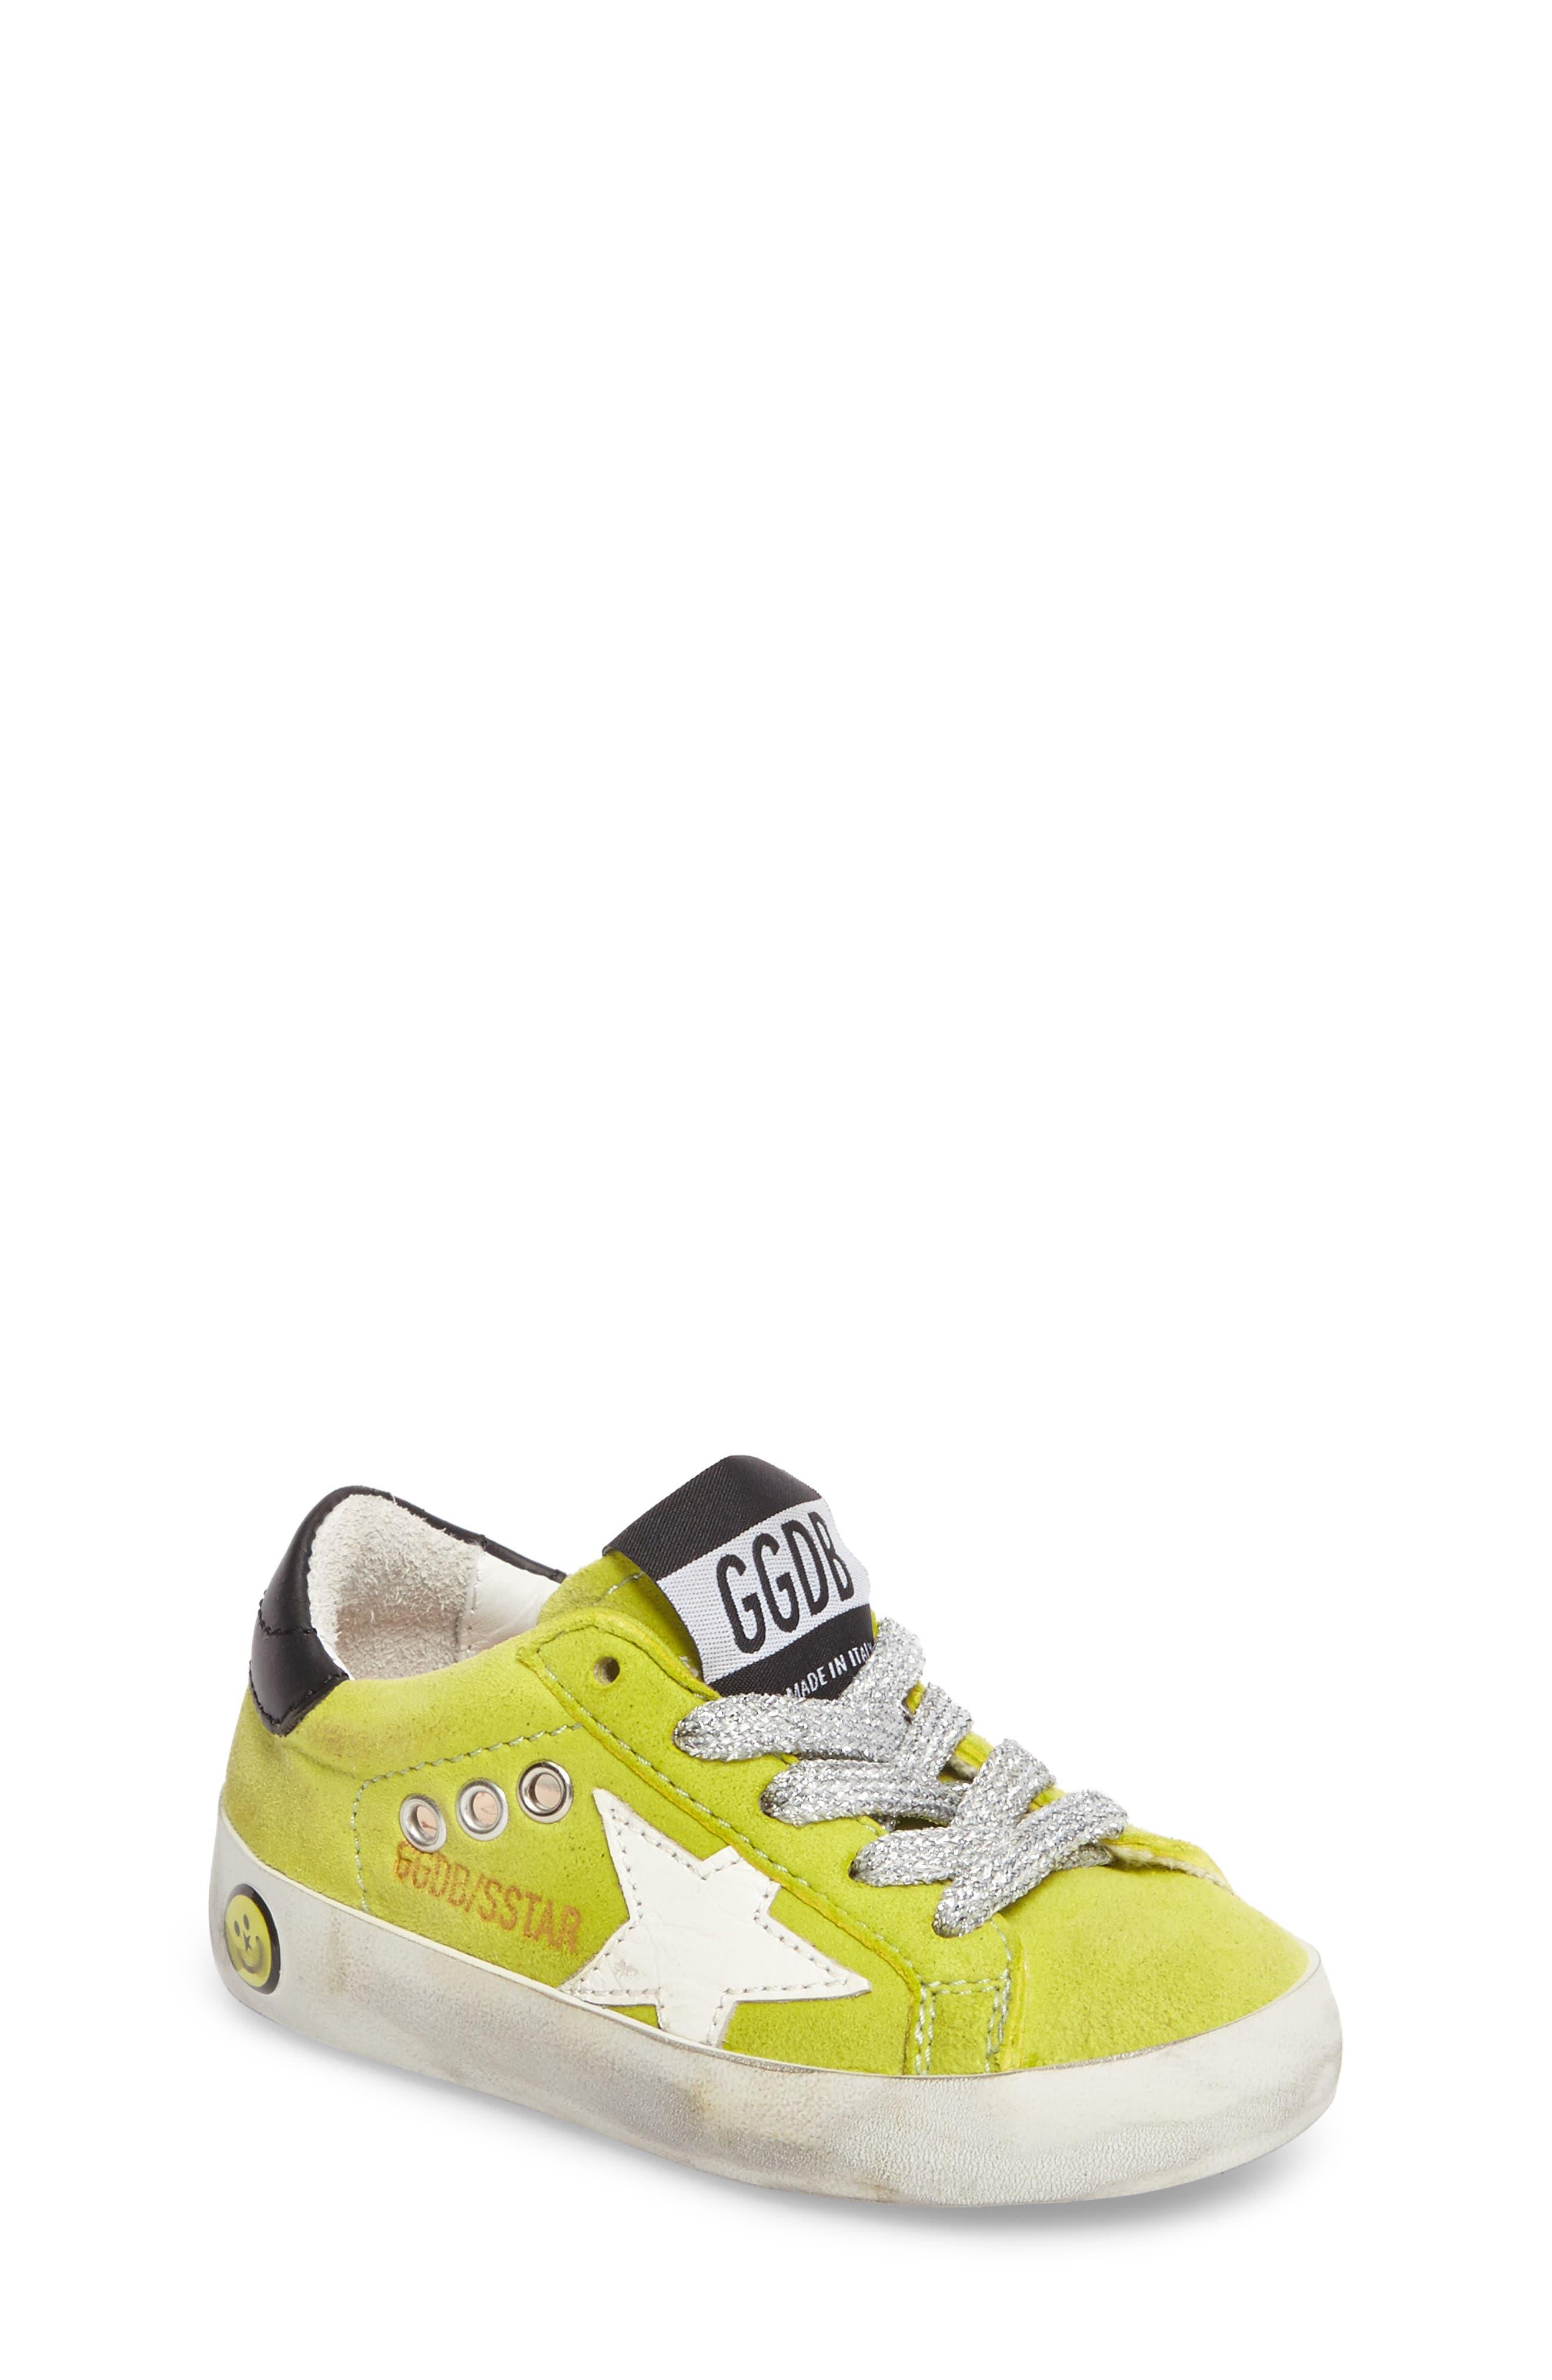 Superstar Low Top Sneaker,                         Main,                         color, 300